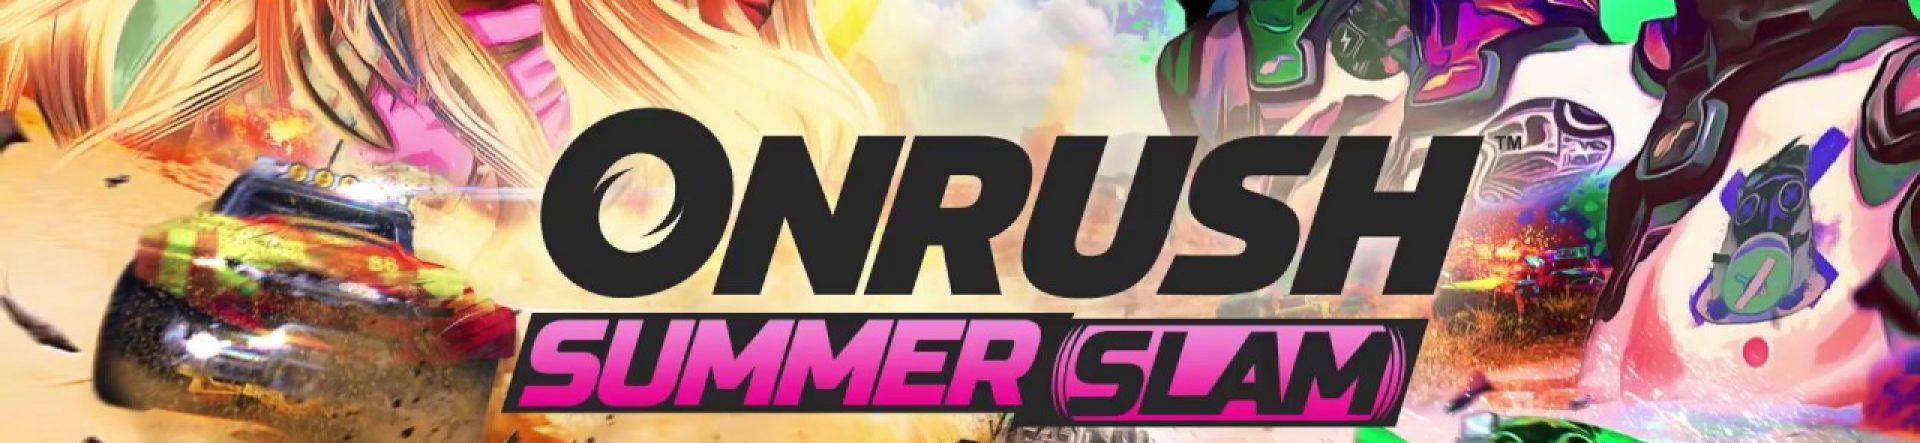 Onrush summer slam online ranked mode